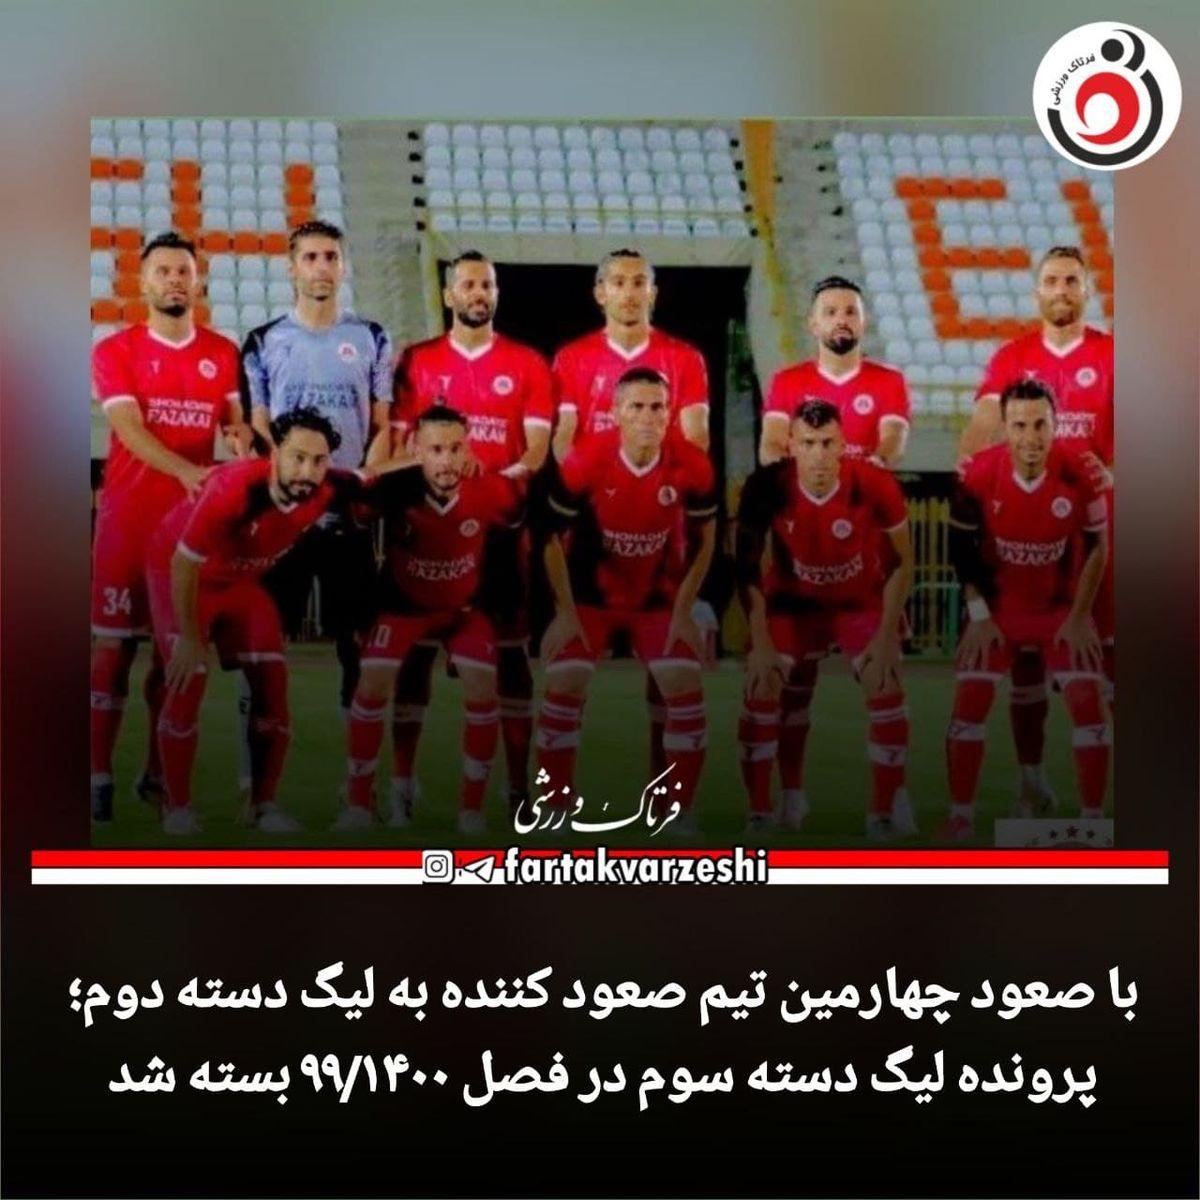 پرونده لیگ دسته سوم در فصل ۹۹/۱۴۰۰ بسته شد